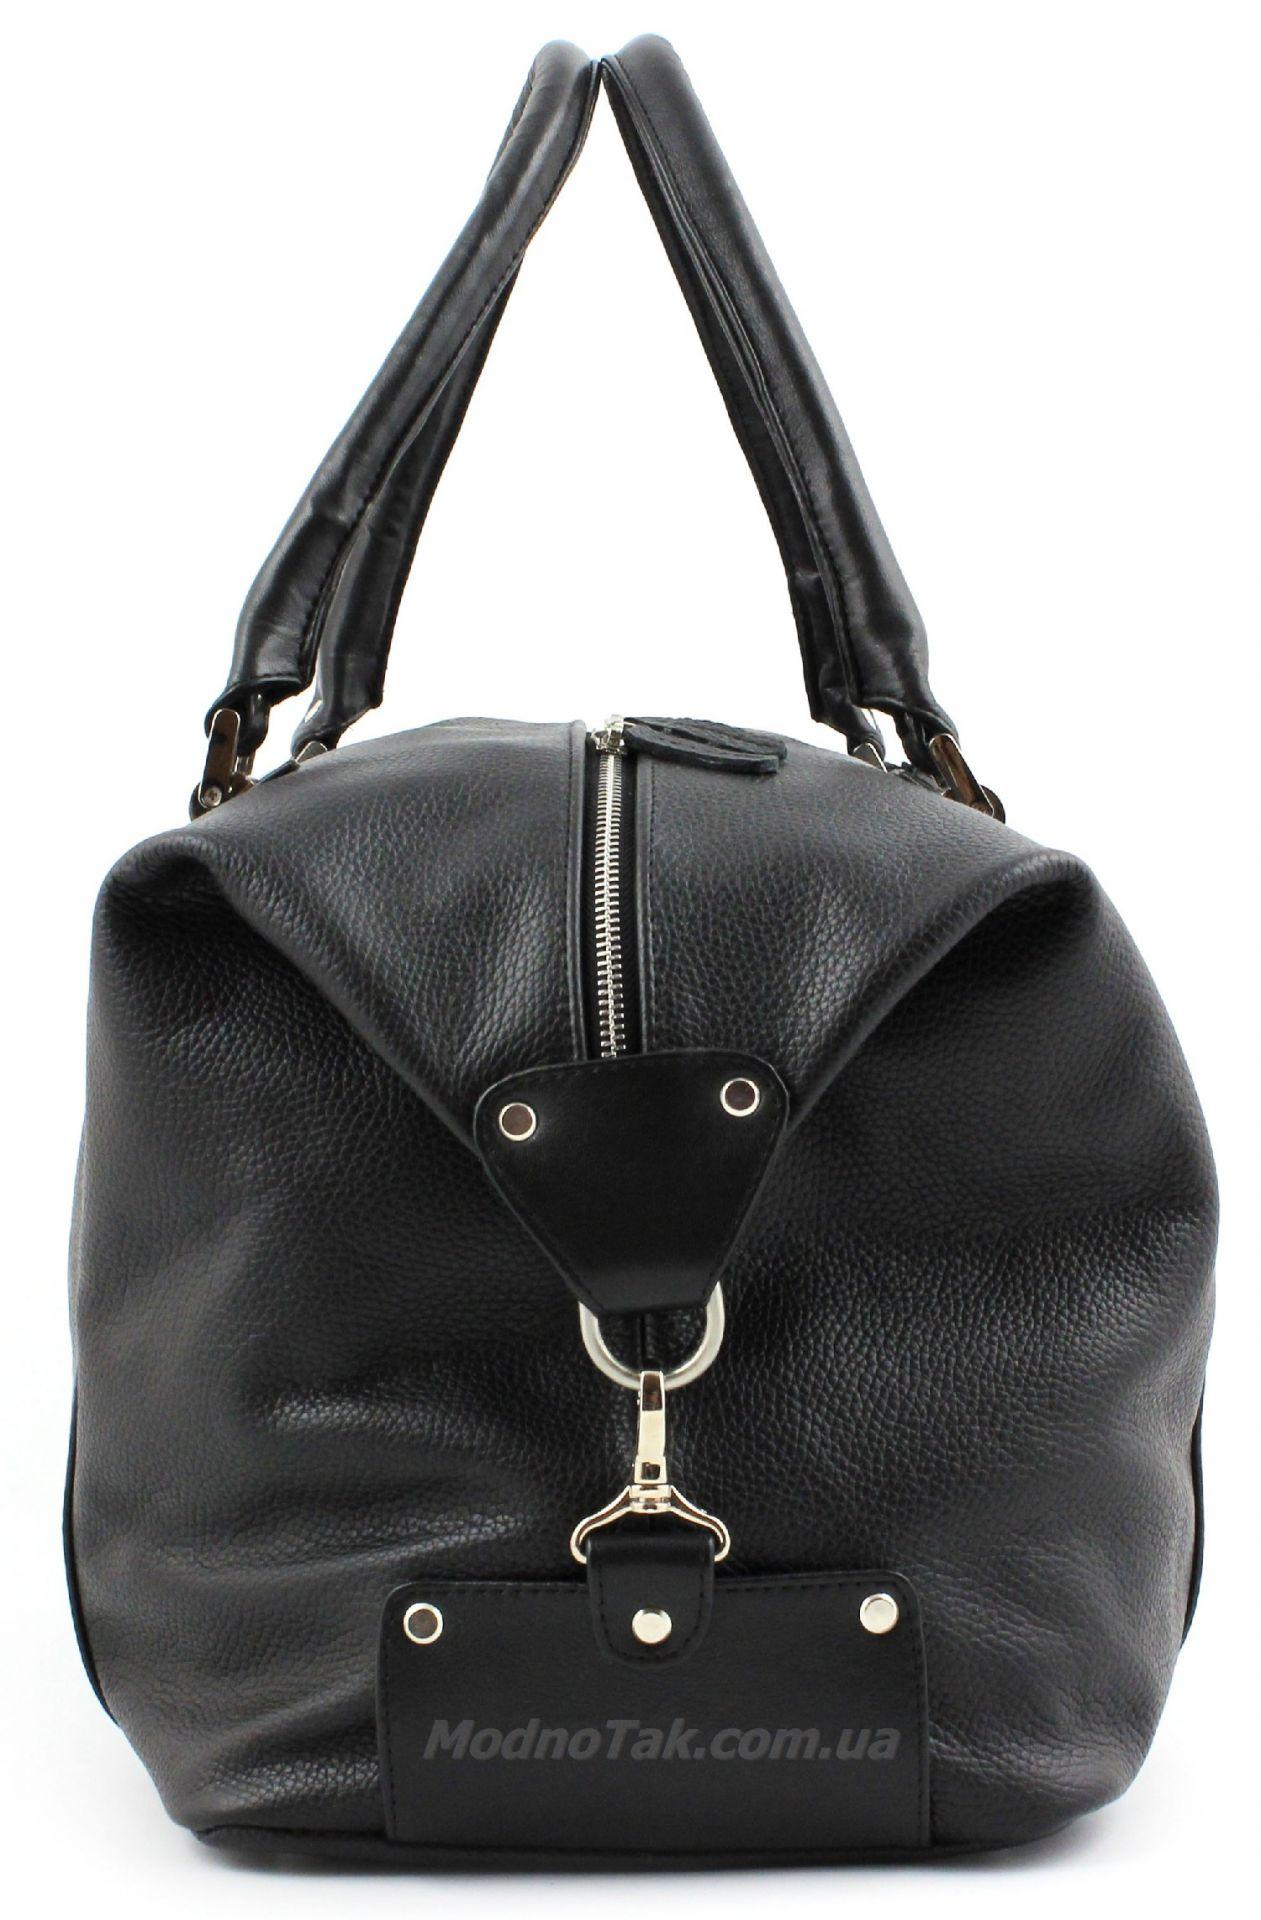 6d3b1bb4f1f2 Дорожная сумка из итальянской натуральной кожи - для города и командировок  Travel Bag (10005)